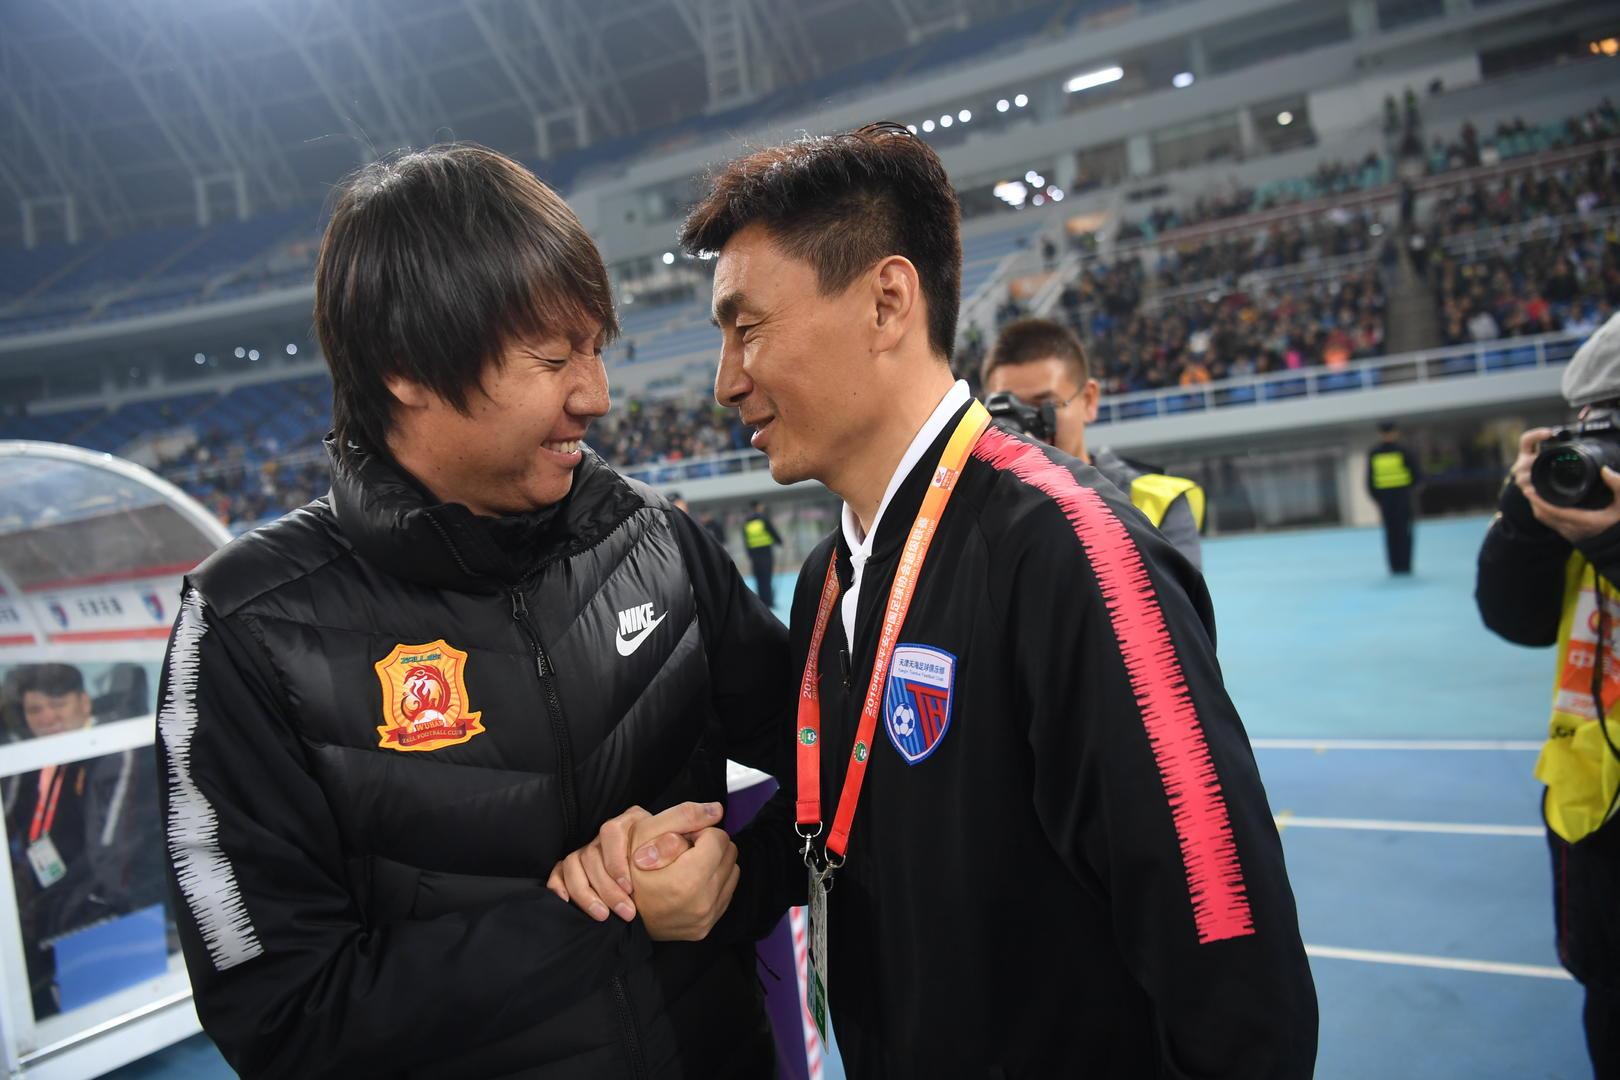 ↑ 上赛季联赛,李玮锋和李铁赛前寒暄